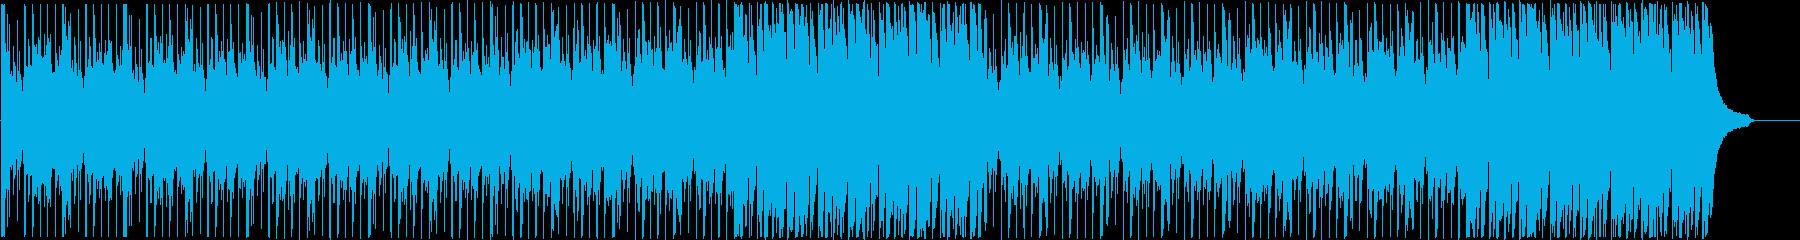 企業VPに 感動・わくわく ピアノメインの再生済みの波形